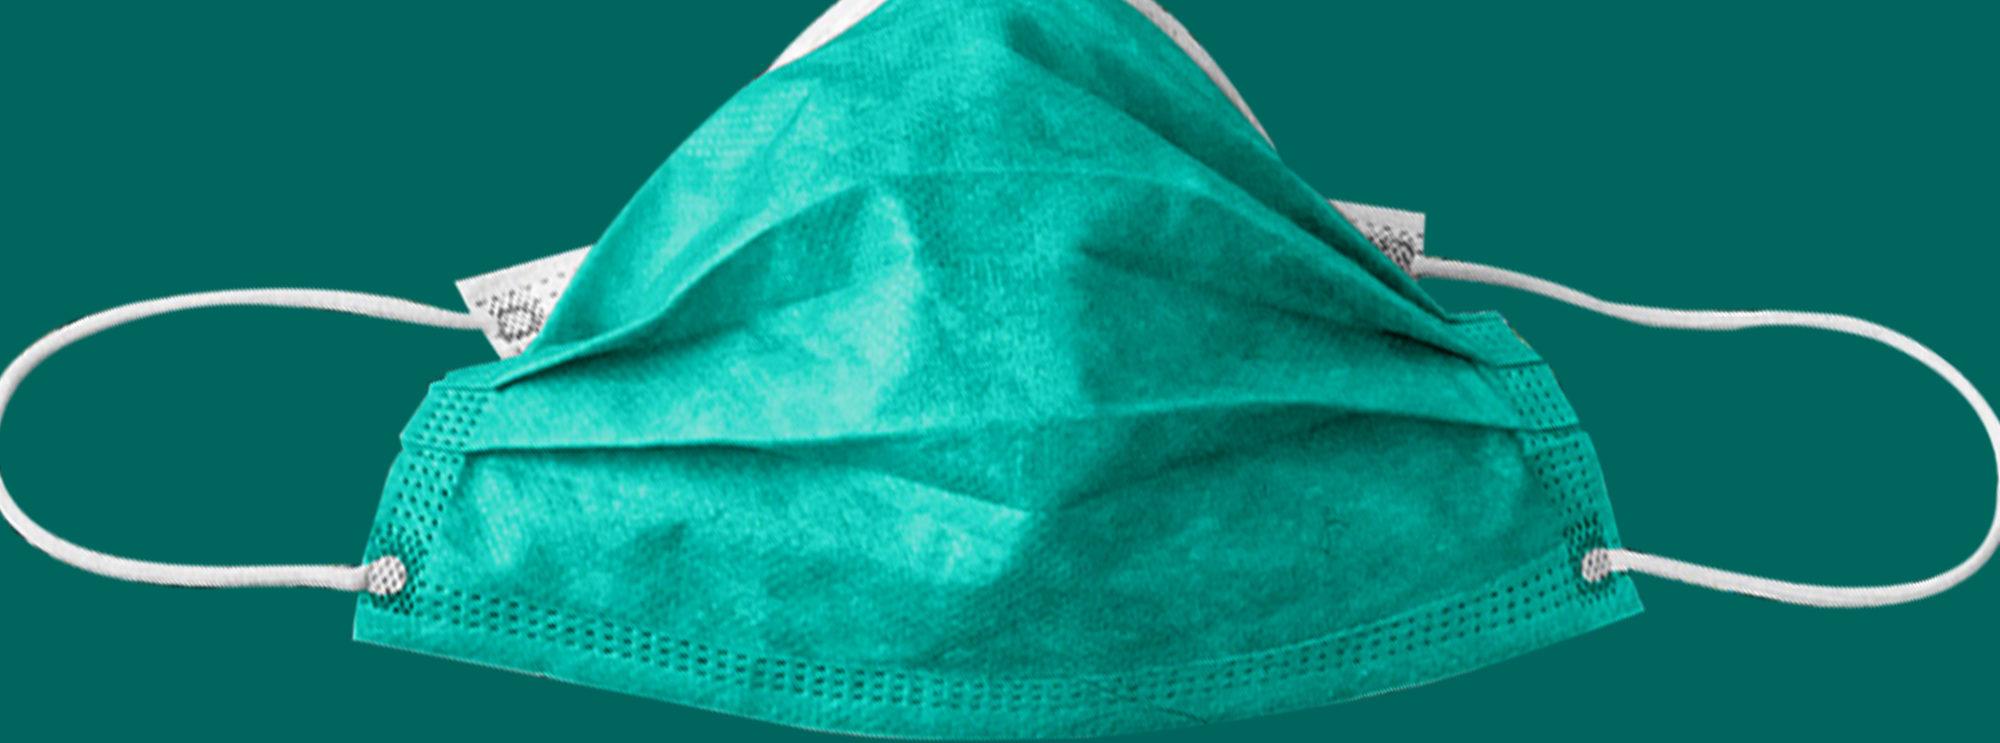 Alltagsmaske in grün - Corona